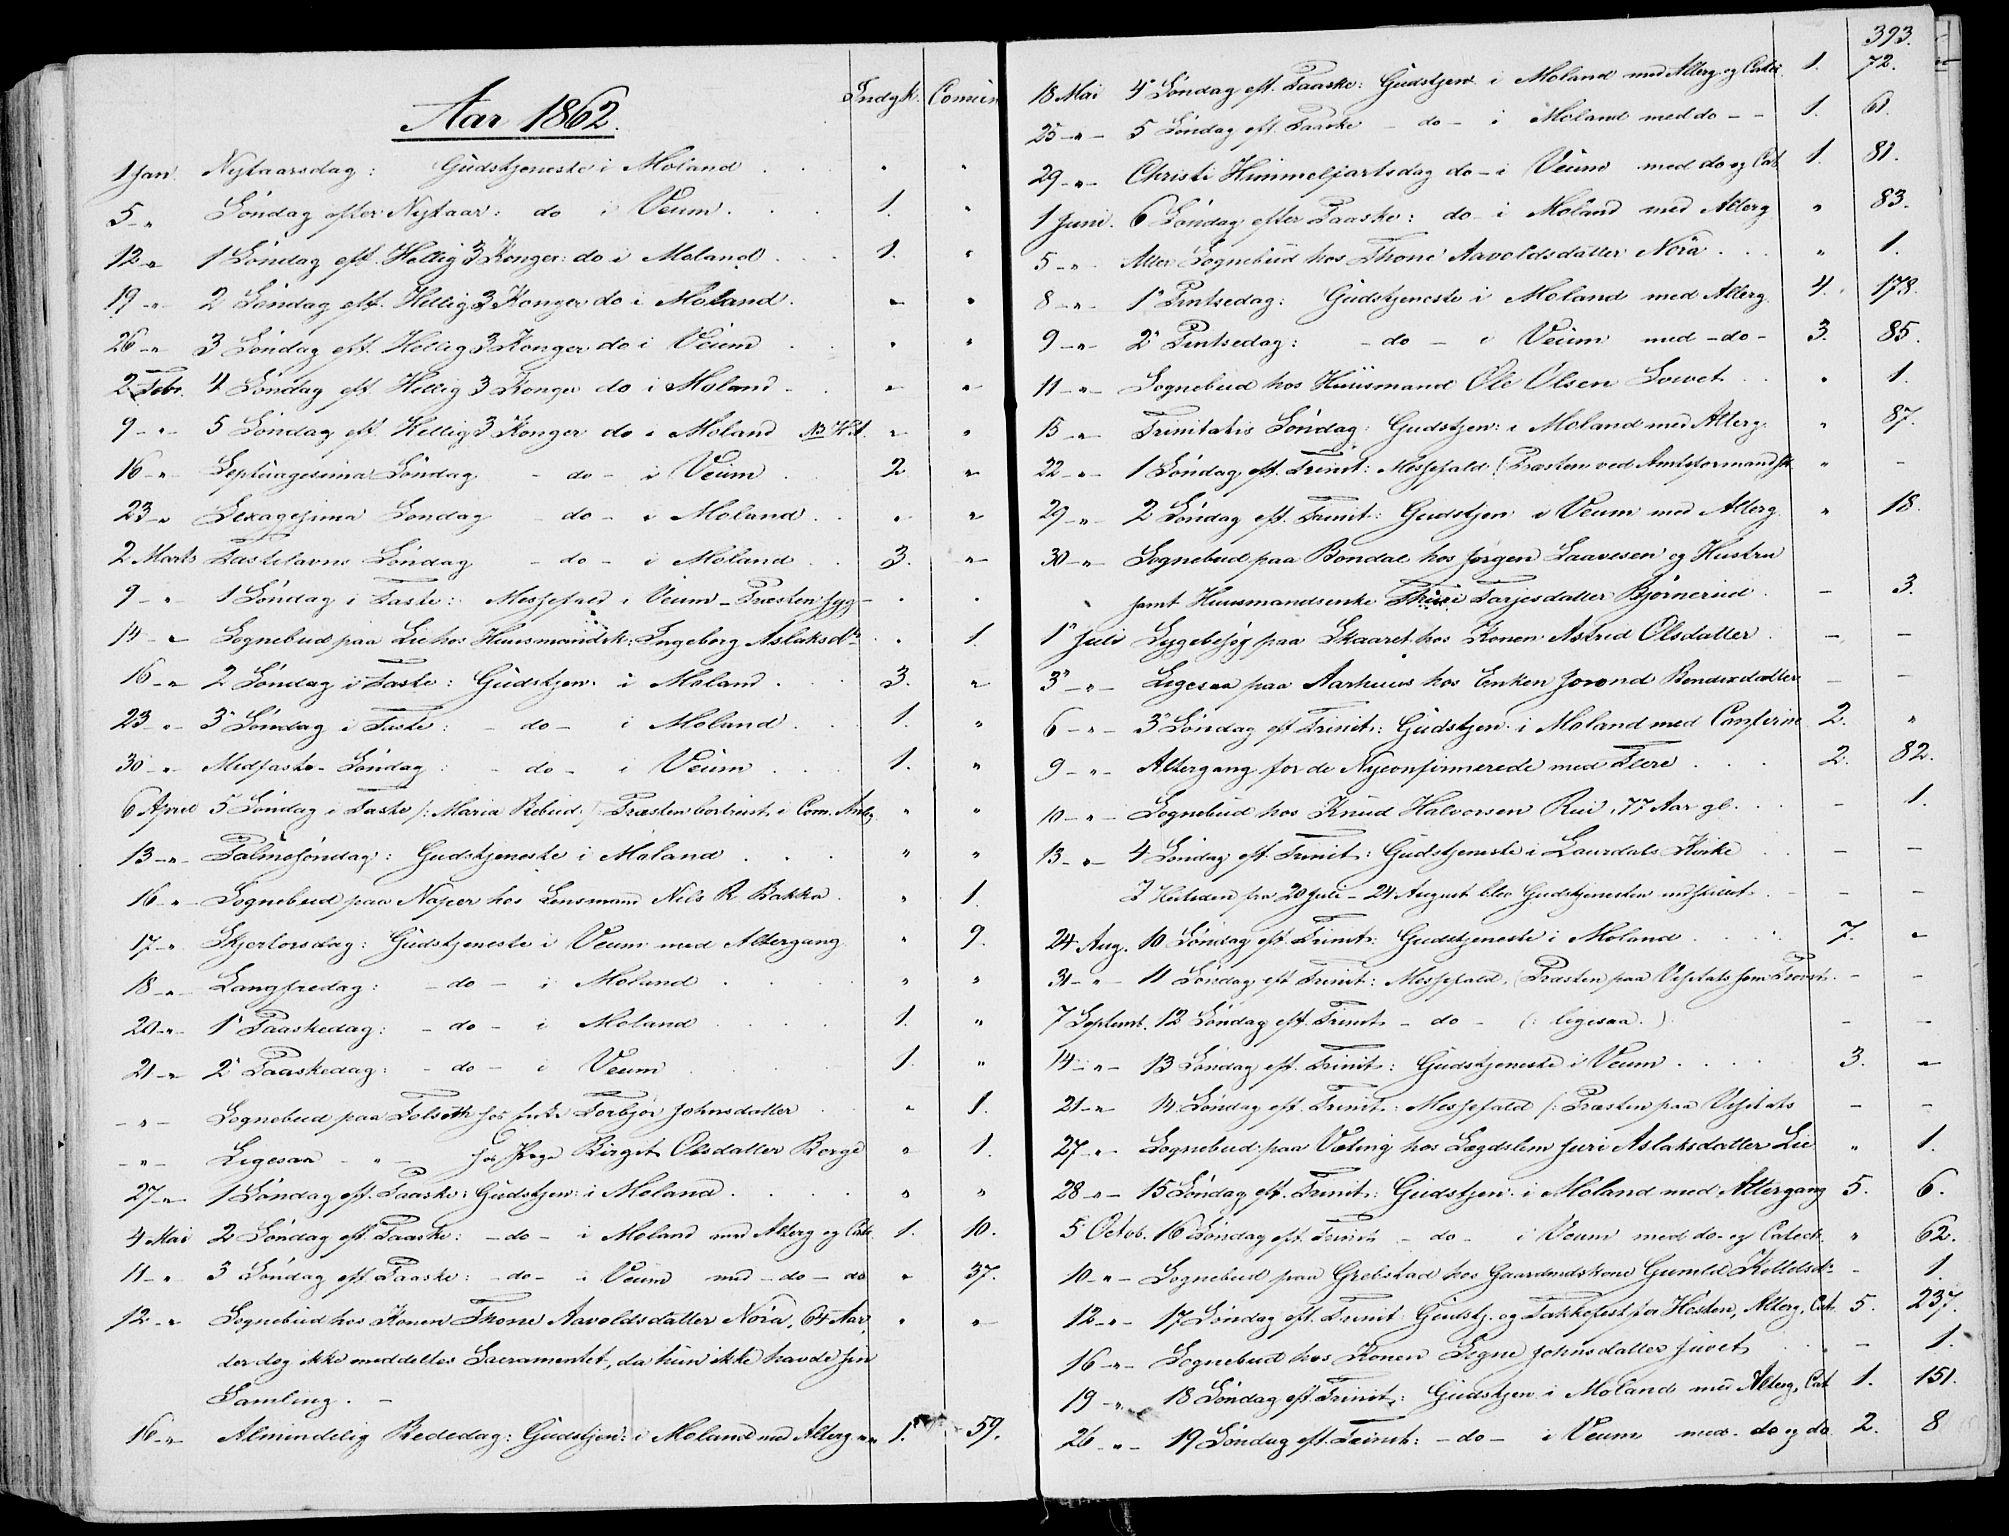 SAKO, Fyresdal kirkebøker, F/Fa/L0005: Ministerialbok nr. I 5, 1855-1871, s. 393